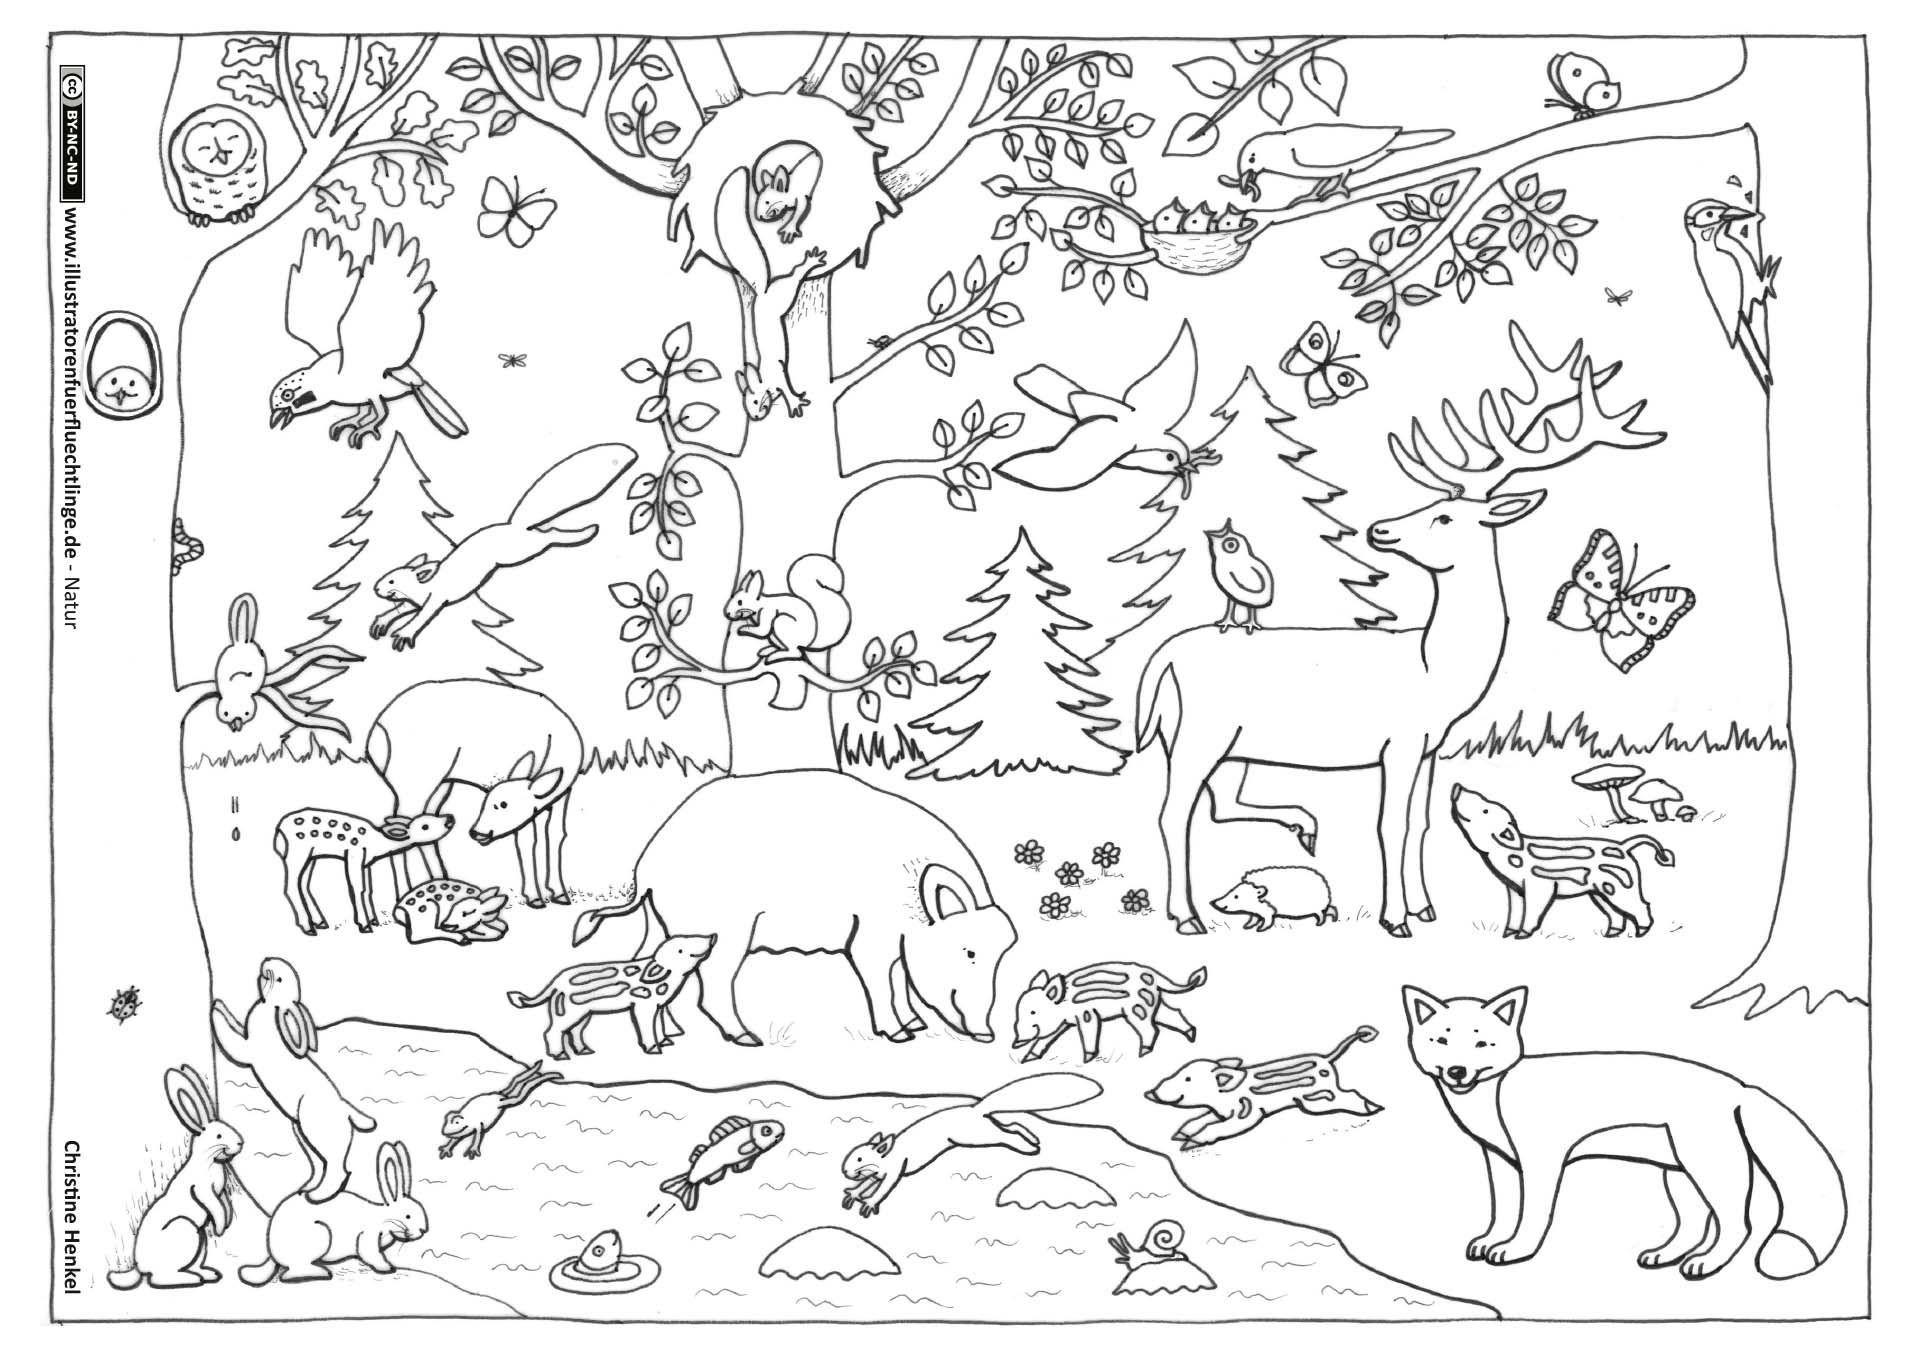 Ausmalbilder thema Wald Frisch Ausmalbilder Schule Kostenlos Einzigartig Malvorlagen Igel Frisch Stock